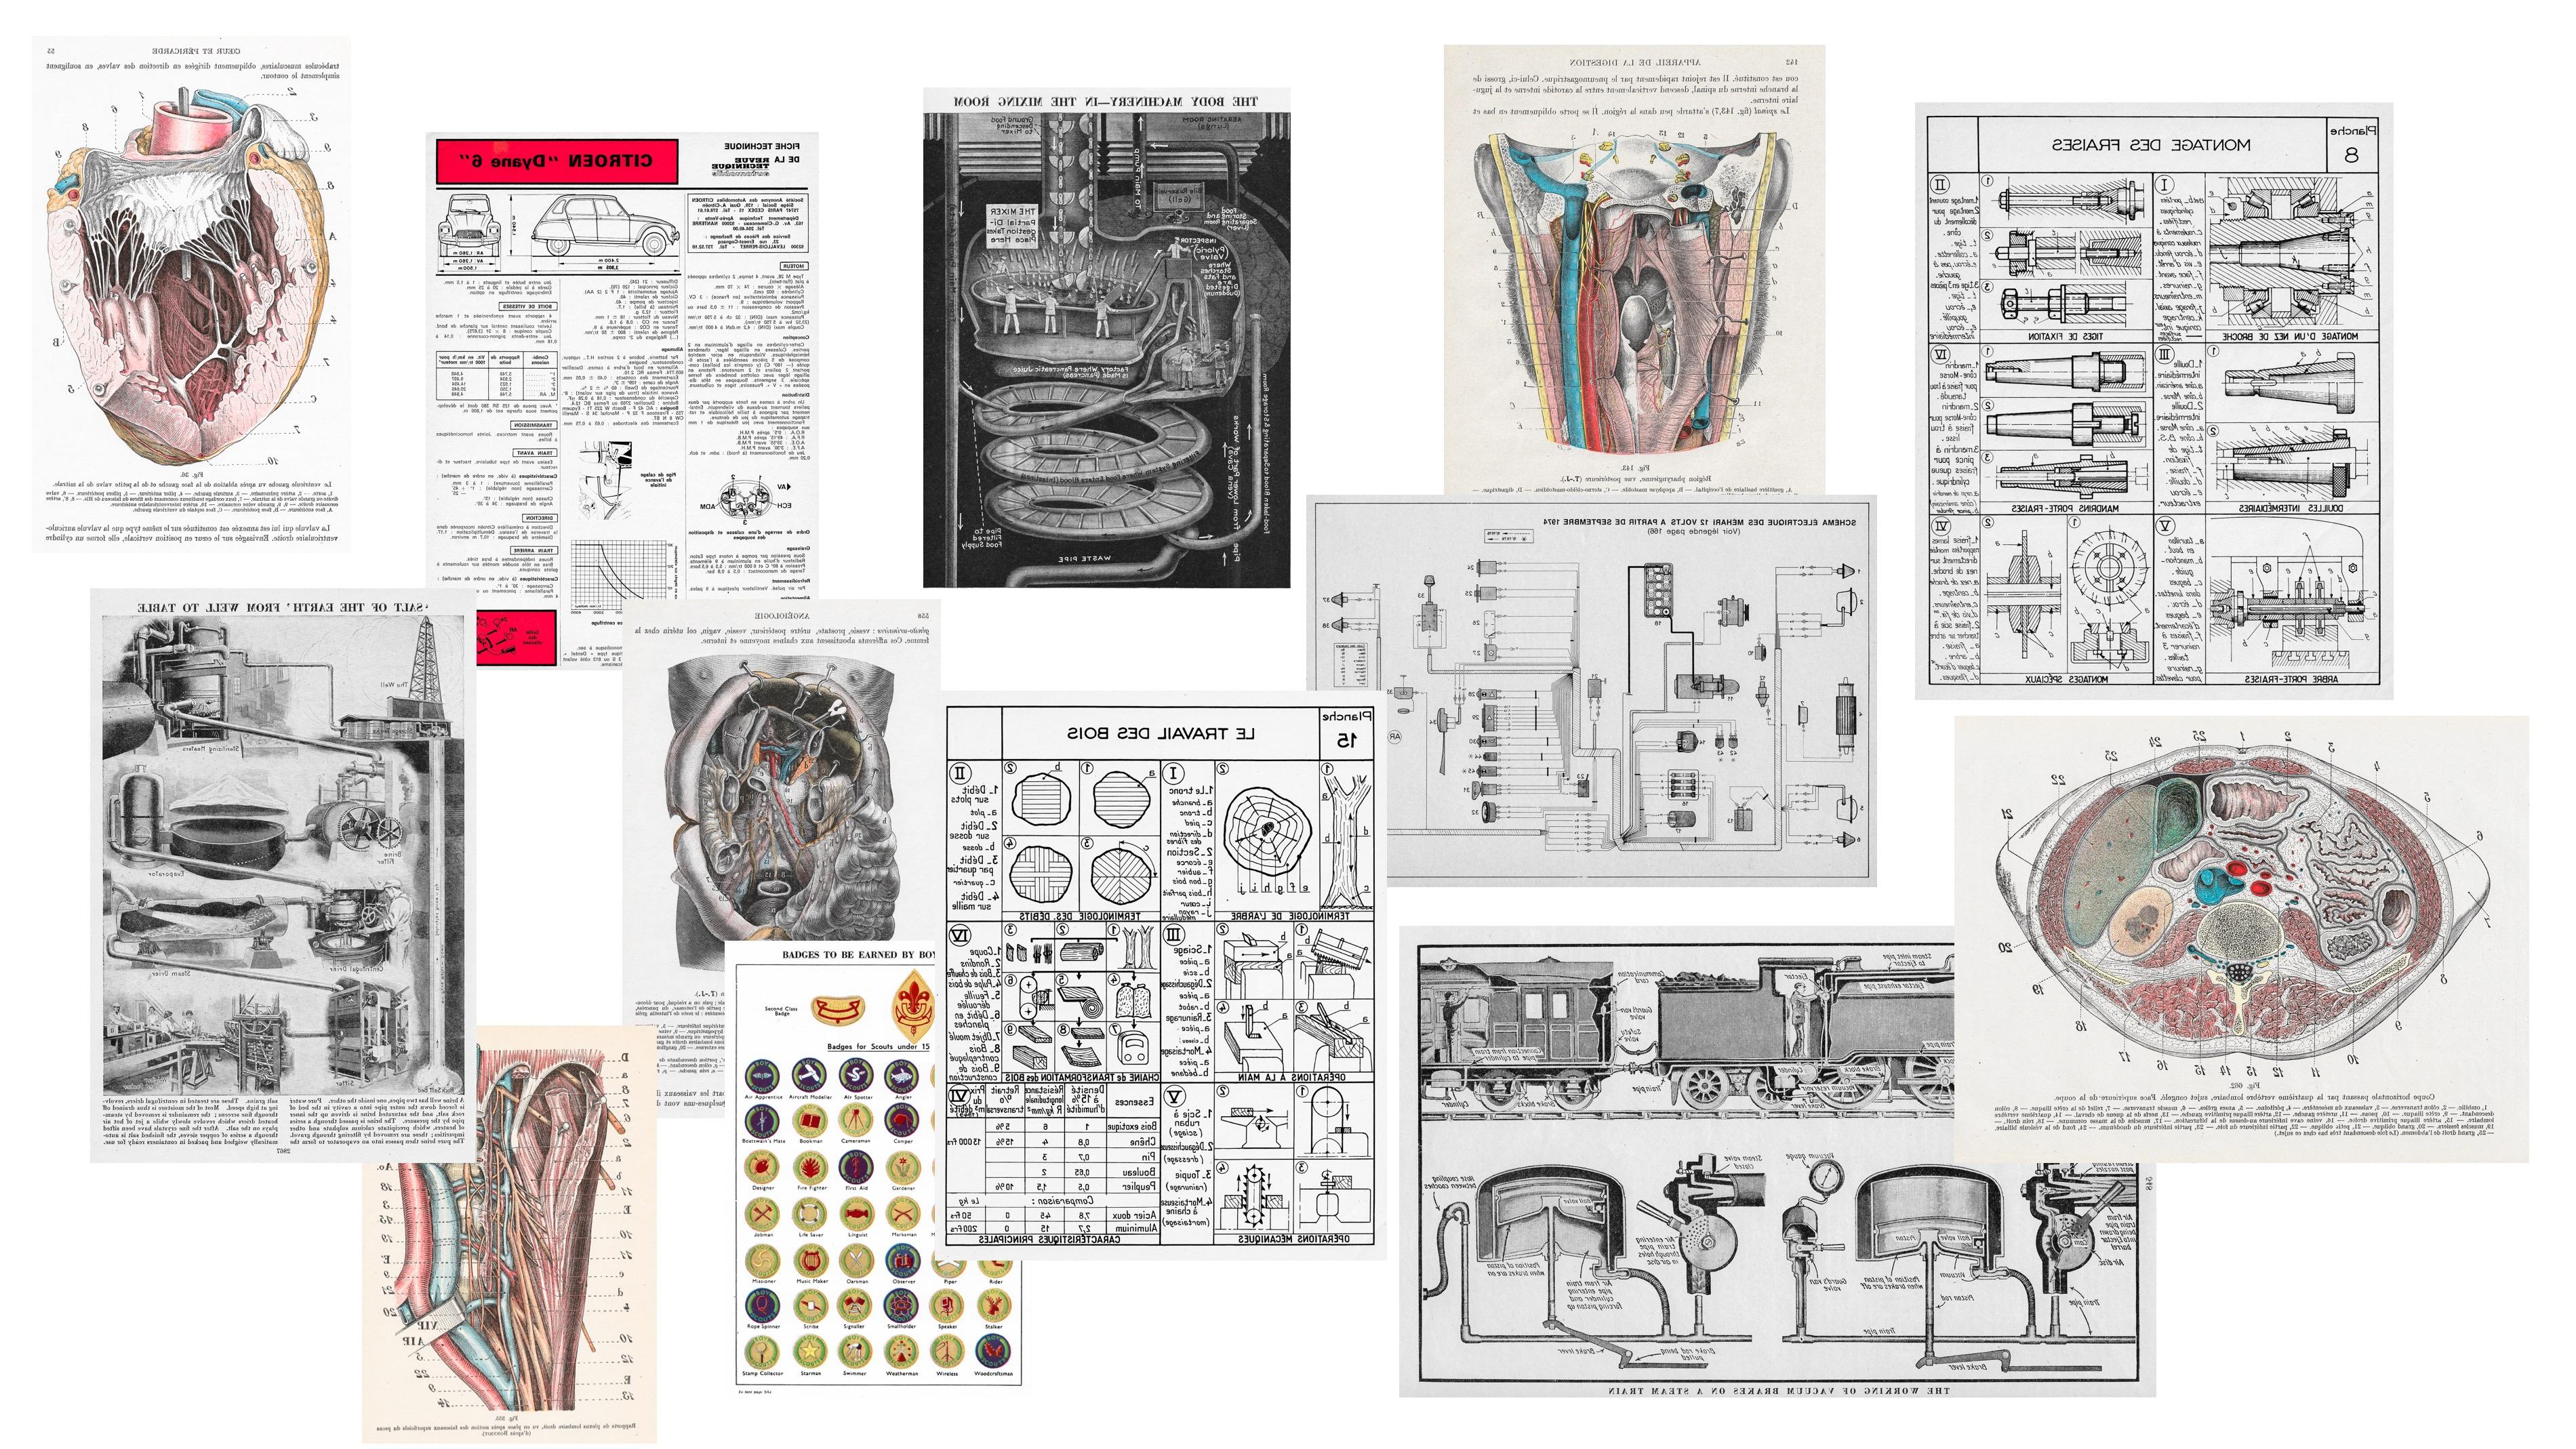 Schémas et croquis scientifiques anciens et planches techniques vintage à encadrer